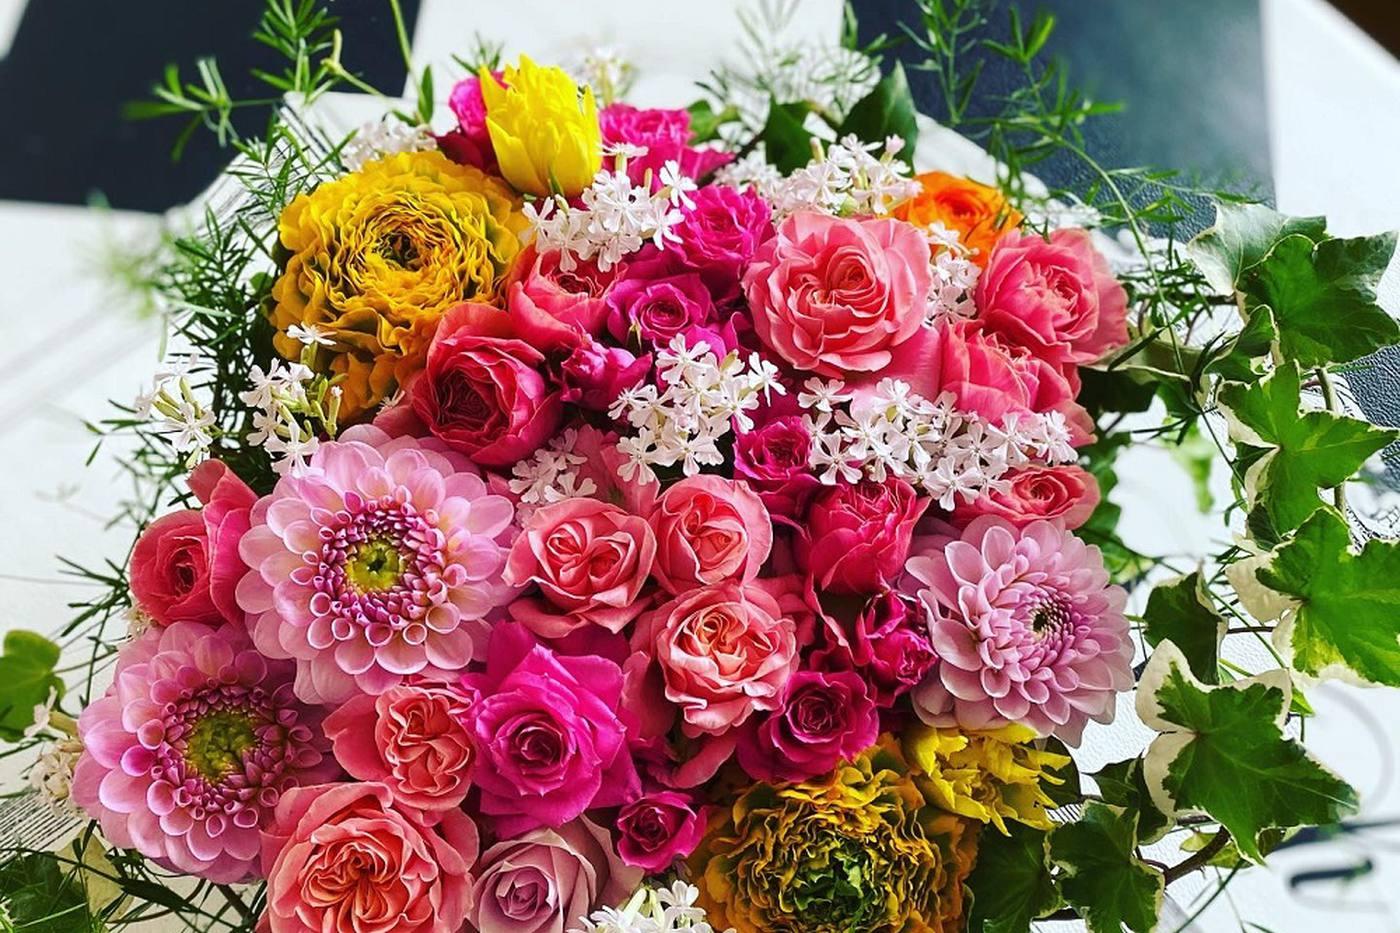 テクニック不要、空き瓶でお洒落にお花を飾る方法 image